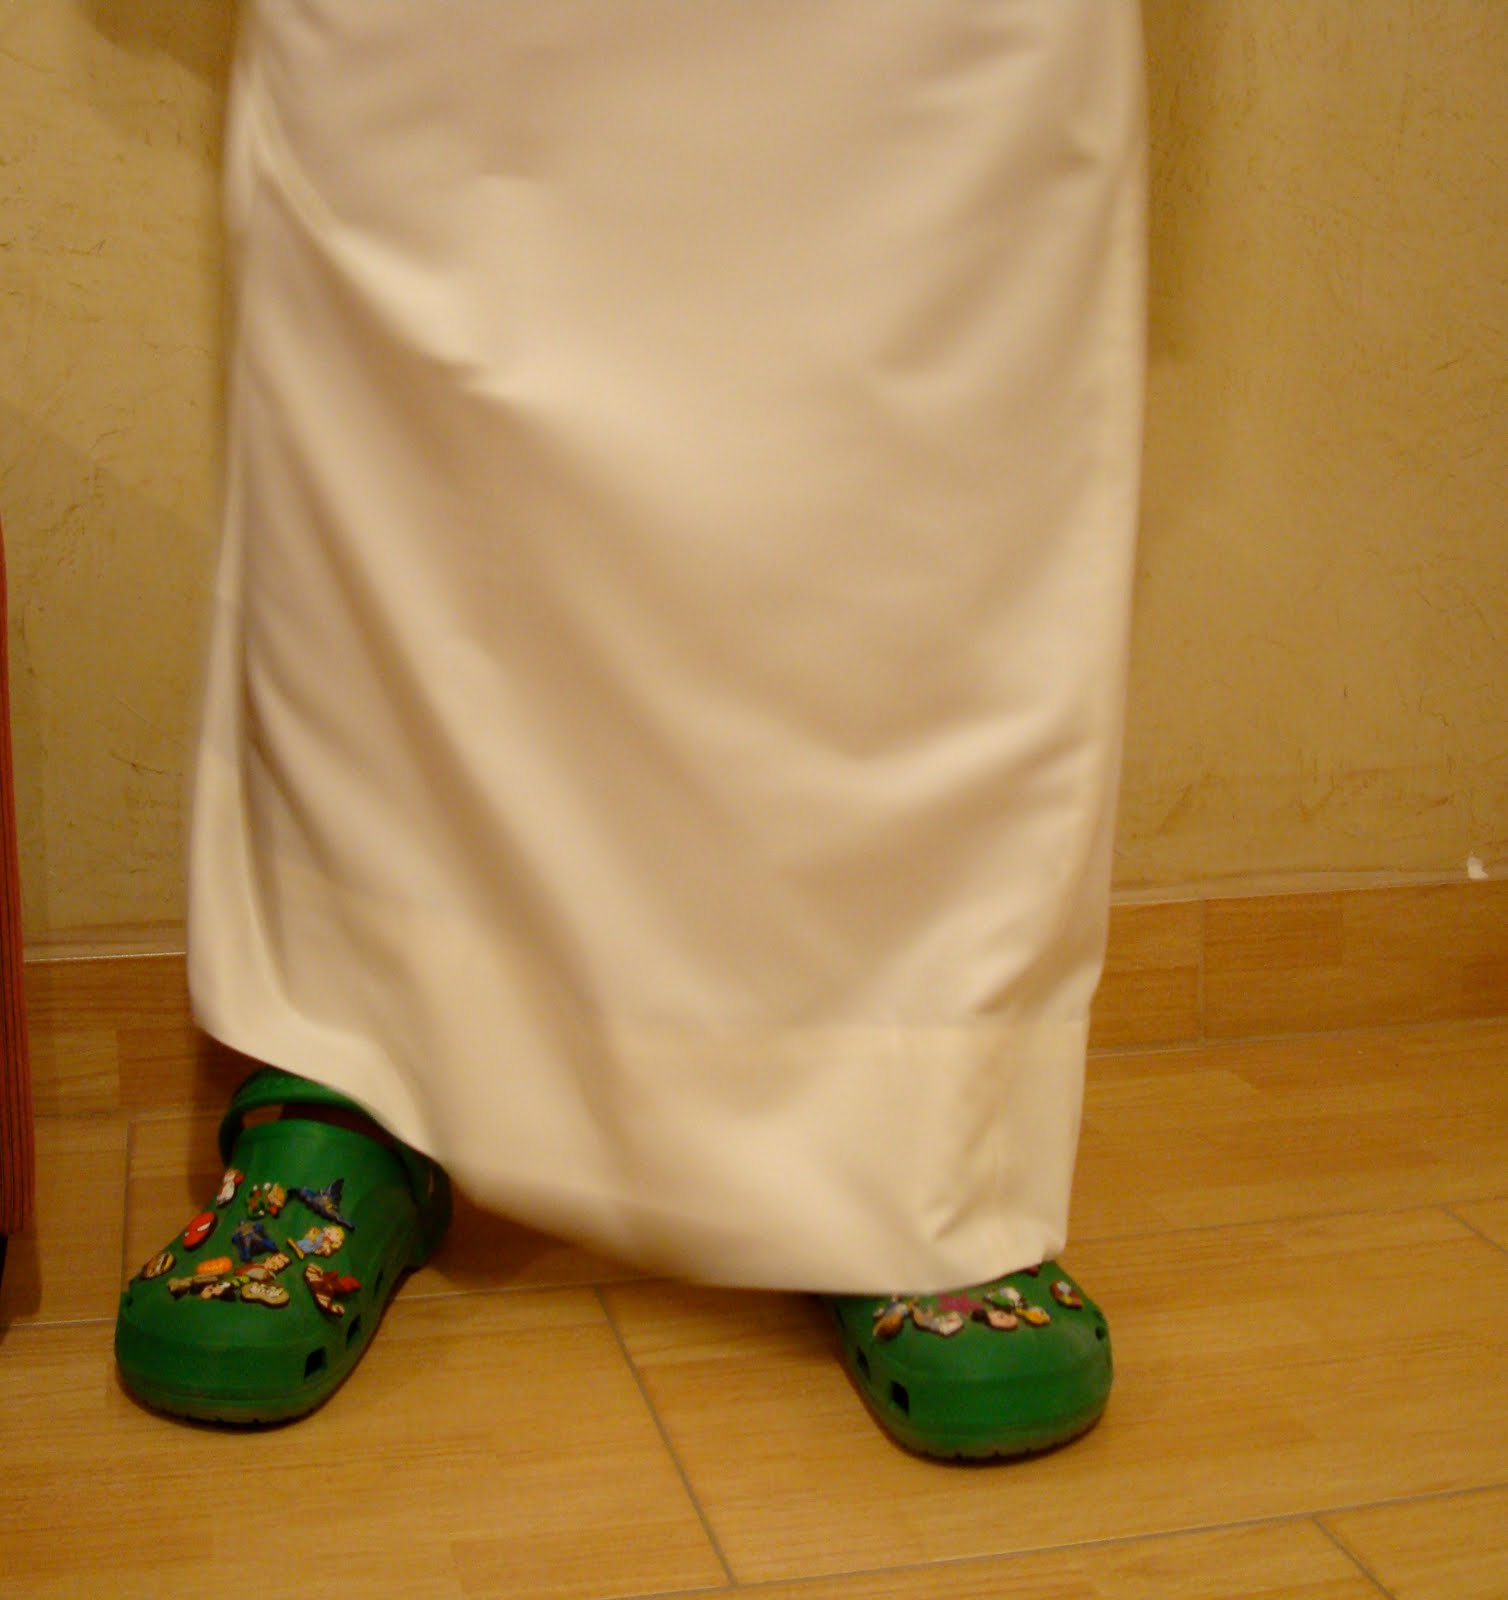 http://3.bp.blogspot.com/_JUfBbVlJk-s/SwmvaKTTnOI/AAAAAAAAAps/2smK1oGEC7Y/s1600/DSC02739.JPG